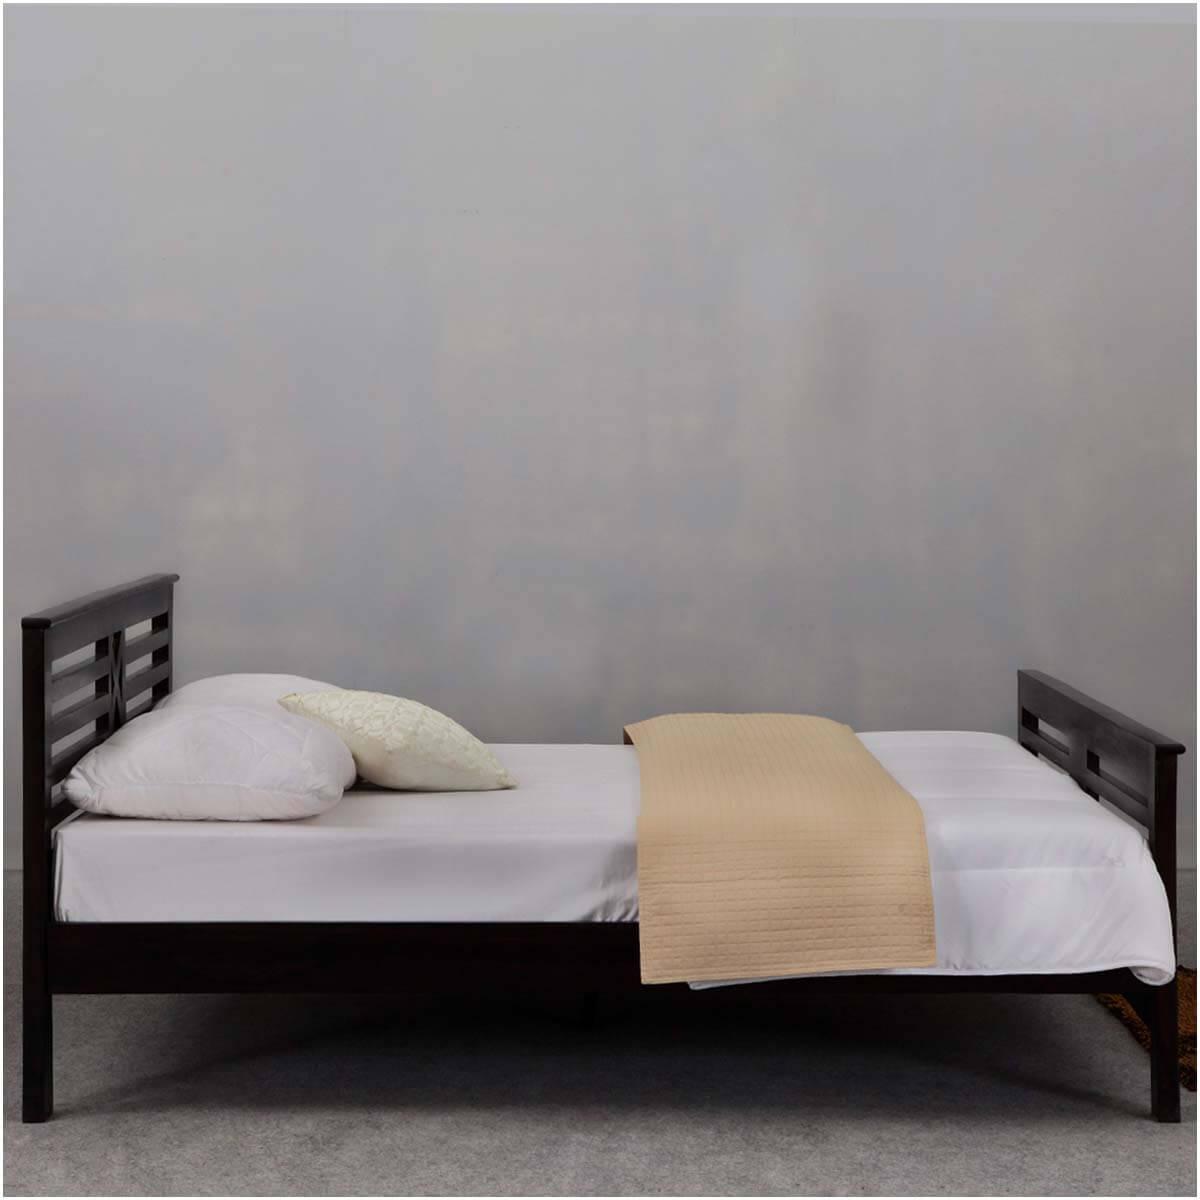 texas solid wood modern platform bed frame w headboard footboard. Black Bedroom Furniture Sets. Home Design Ideas